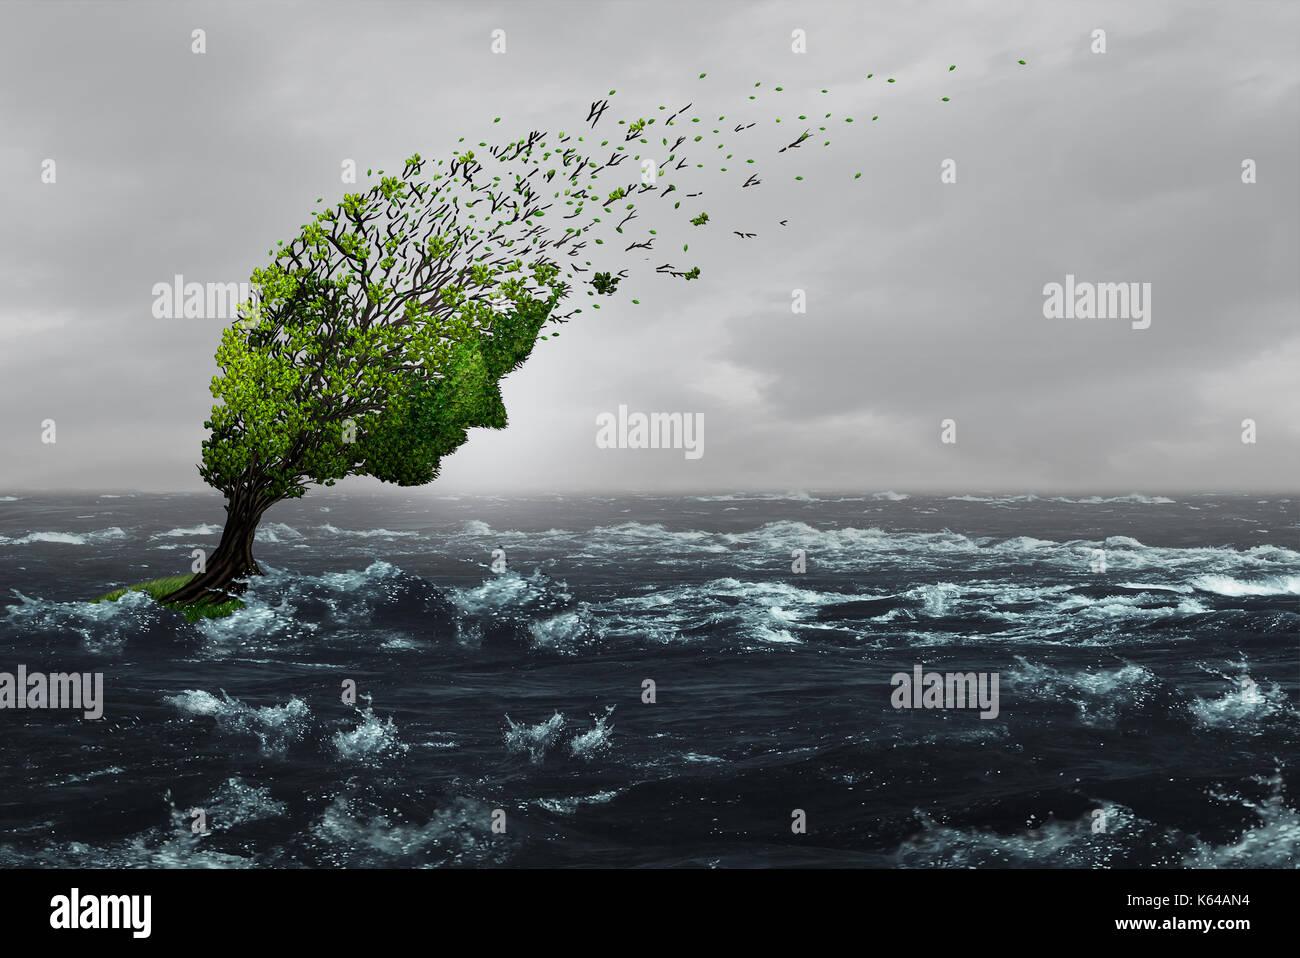 Sobrevivir una tormenta concepto como un árbol destacó maltratadas sopladas por los vientos violentos en las aguas de la inundación como una ansiedad o abuso de metáfora a resistir. Imagen De Stock